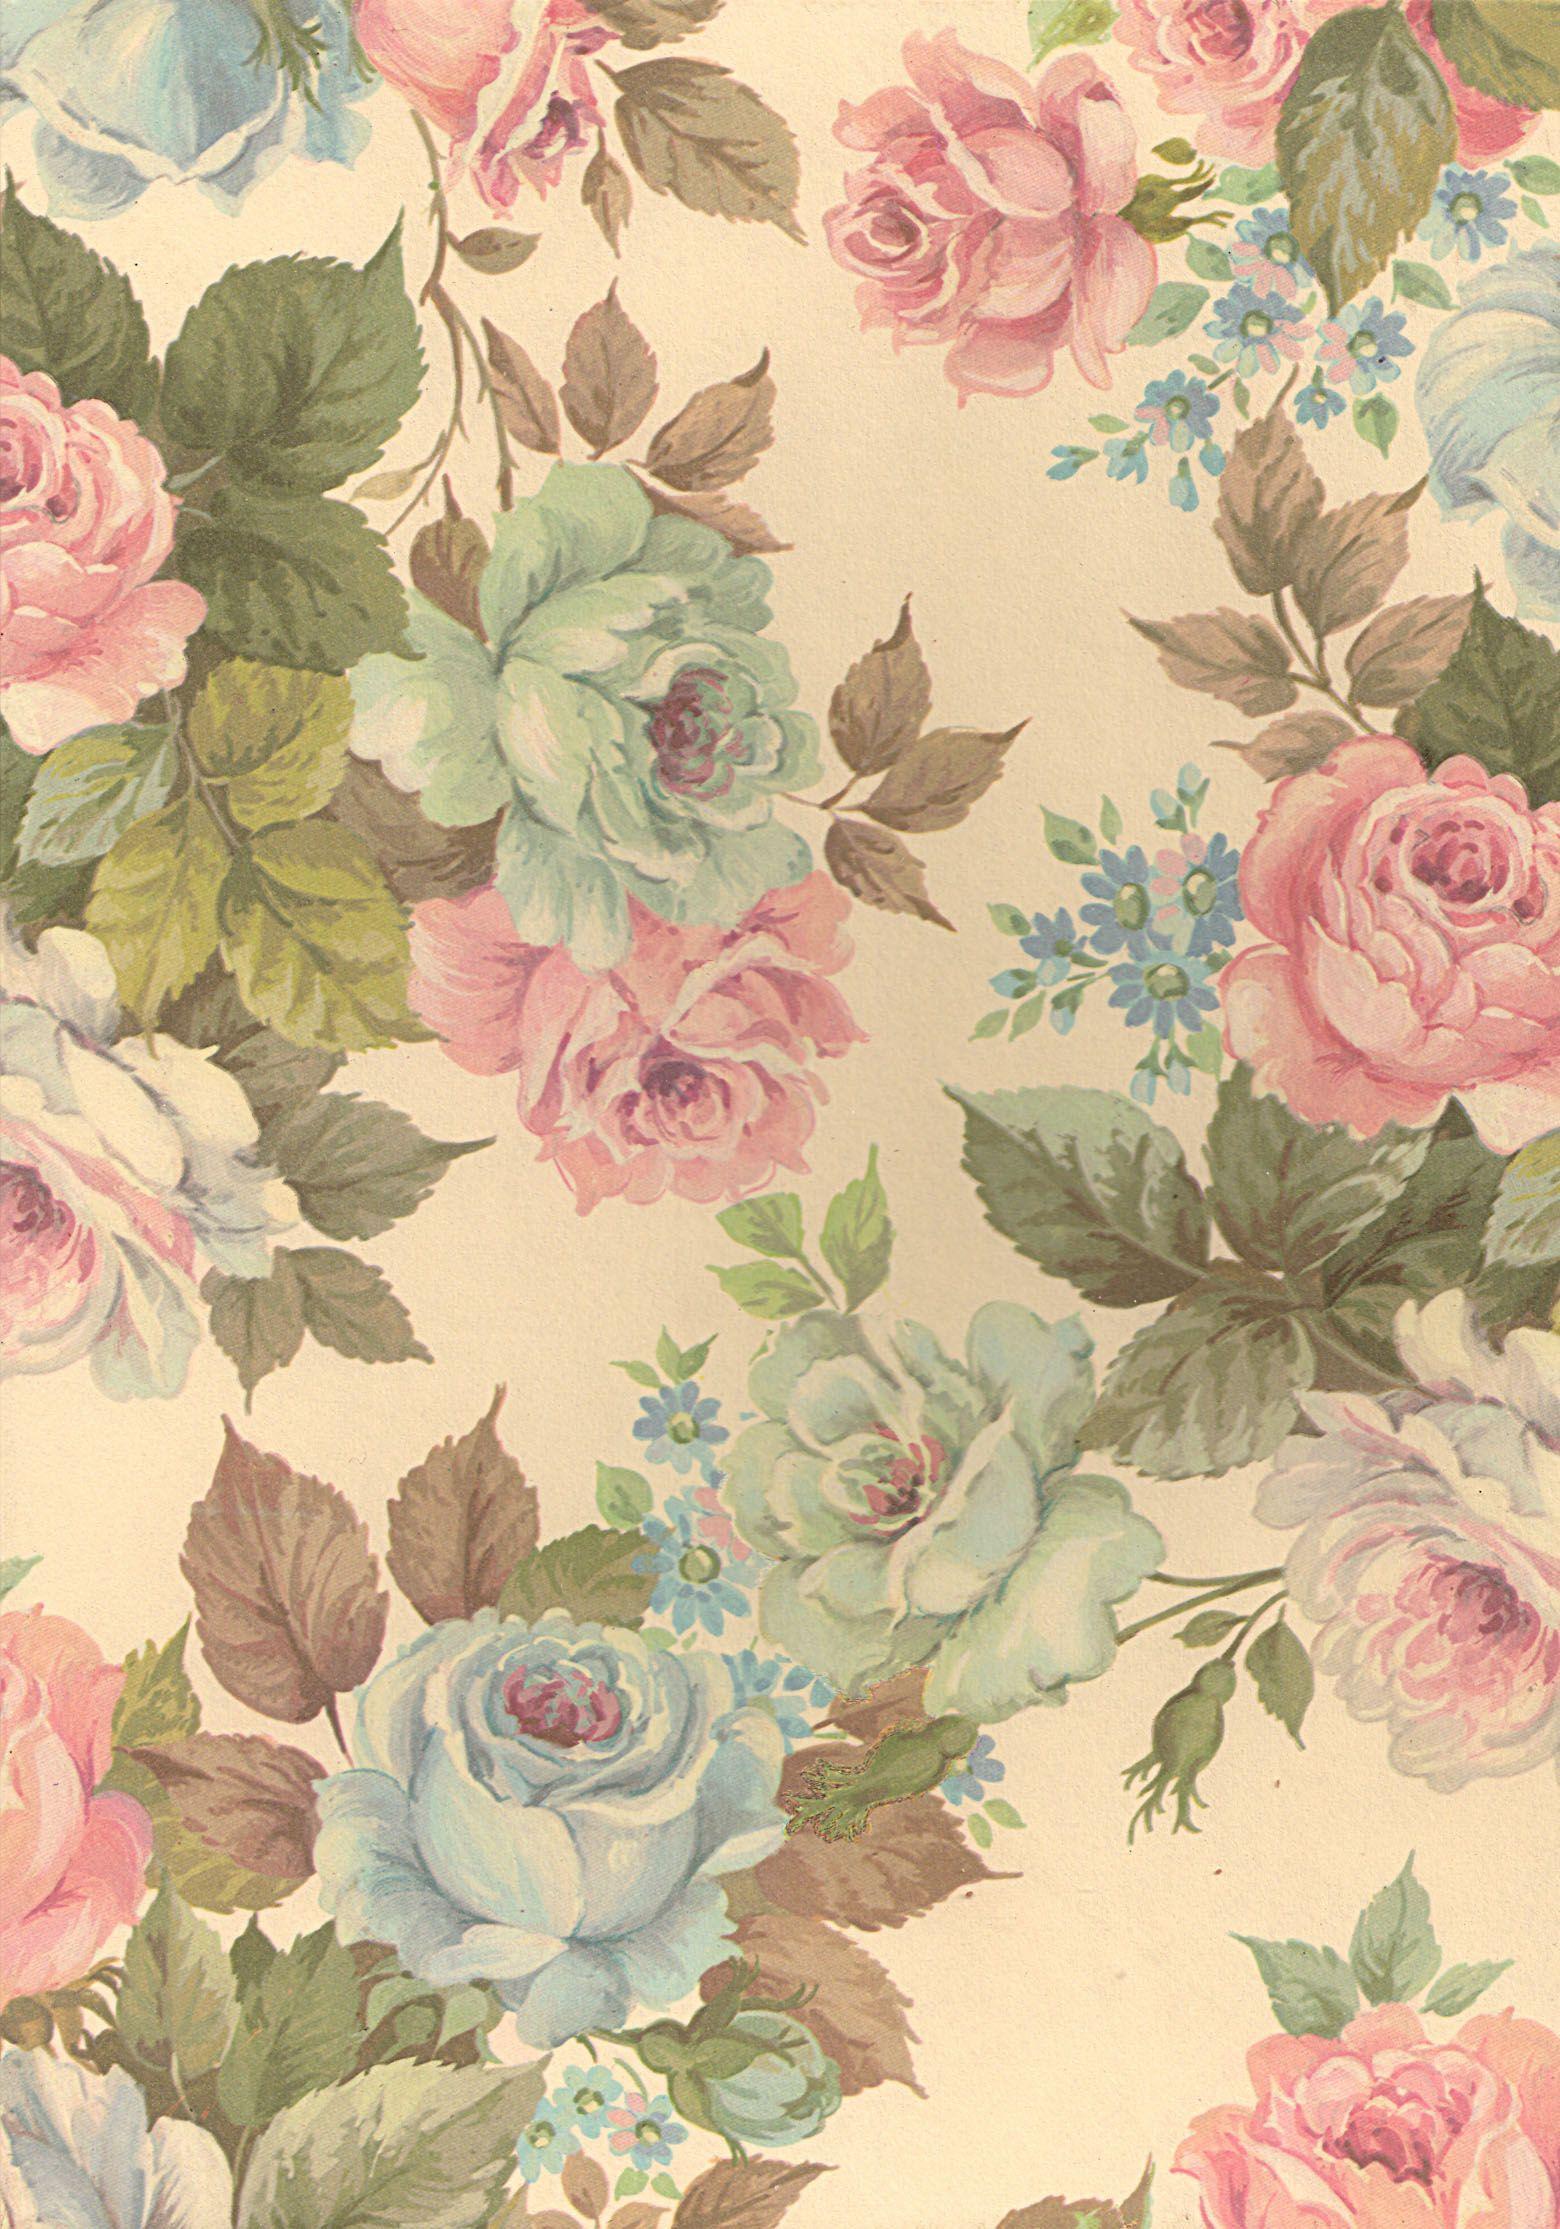 20130723202452 Sfeey Jpeg 1 560 2 229 Pixels Vintage Flowers Wallpaper Vintage Flowers Prints